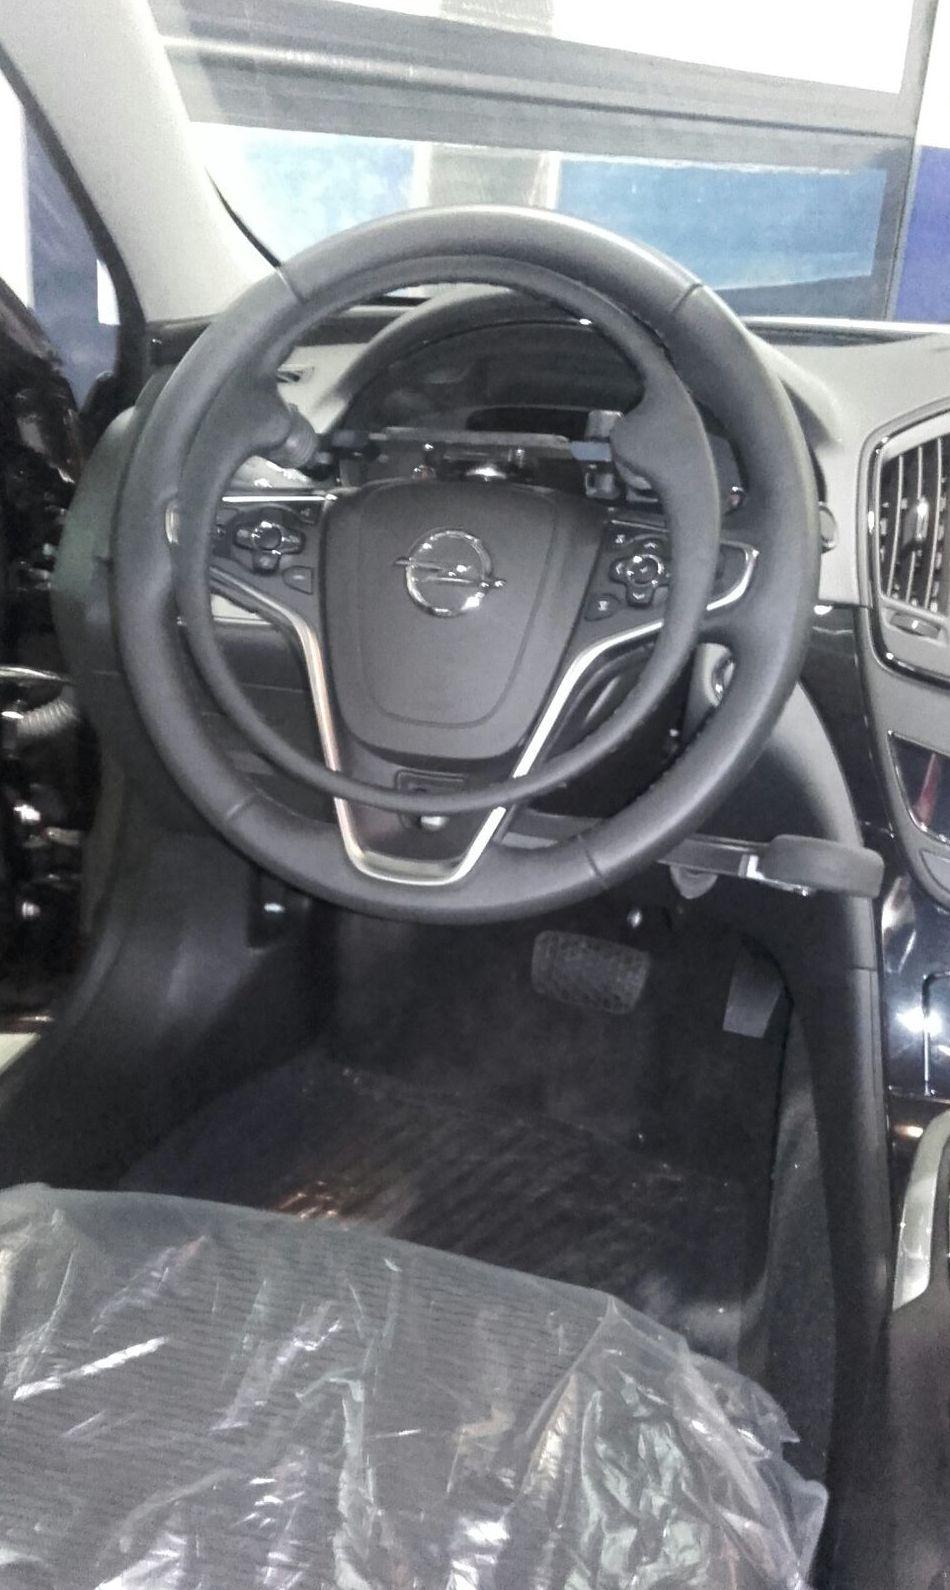 Acelerador elco de aro extraible y freno manual en Opel Insignia